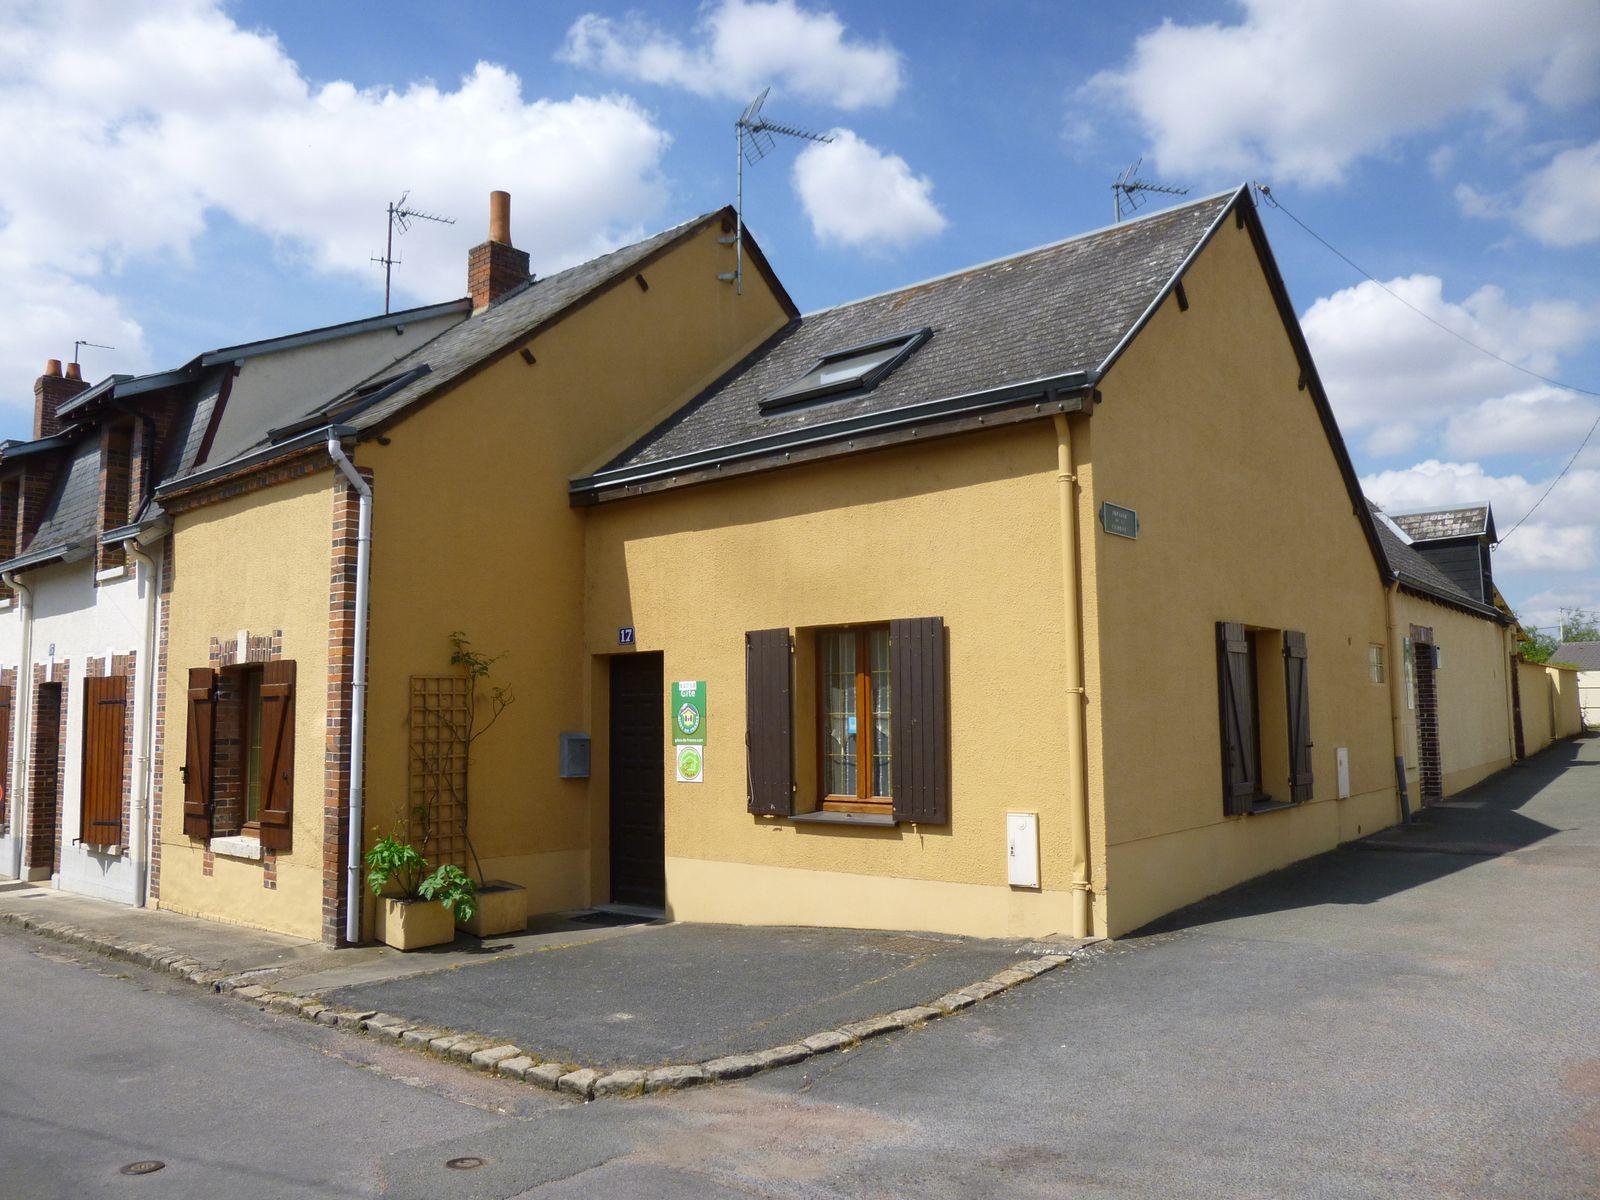 Maison avec parking extérieur